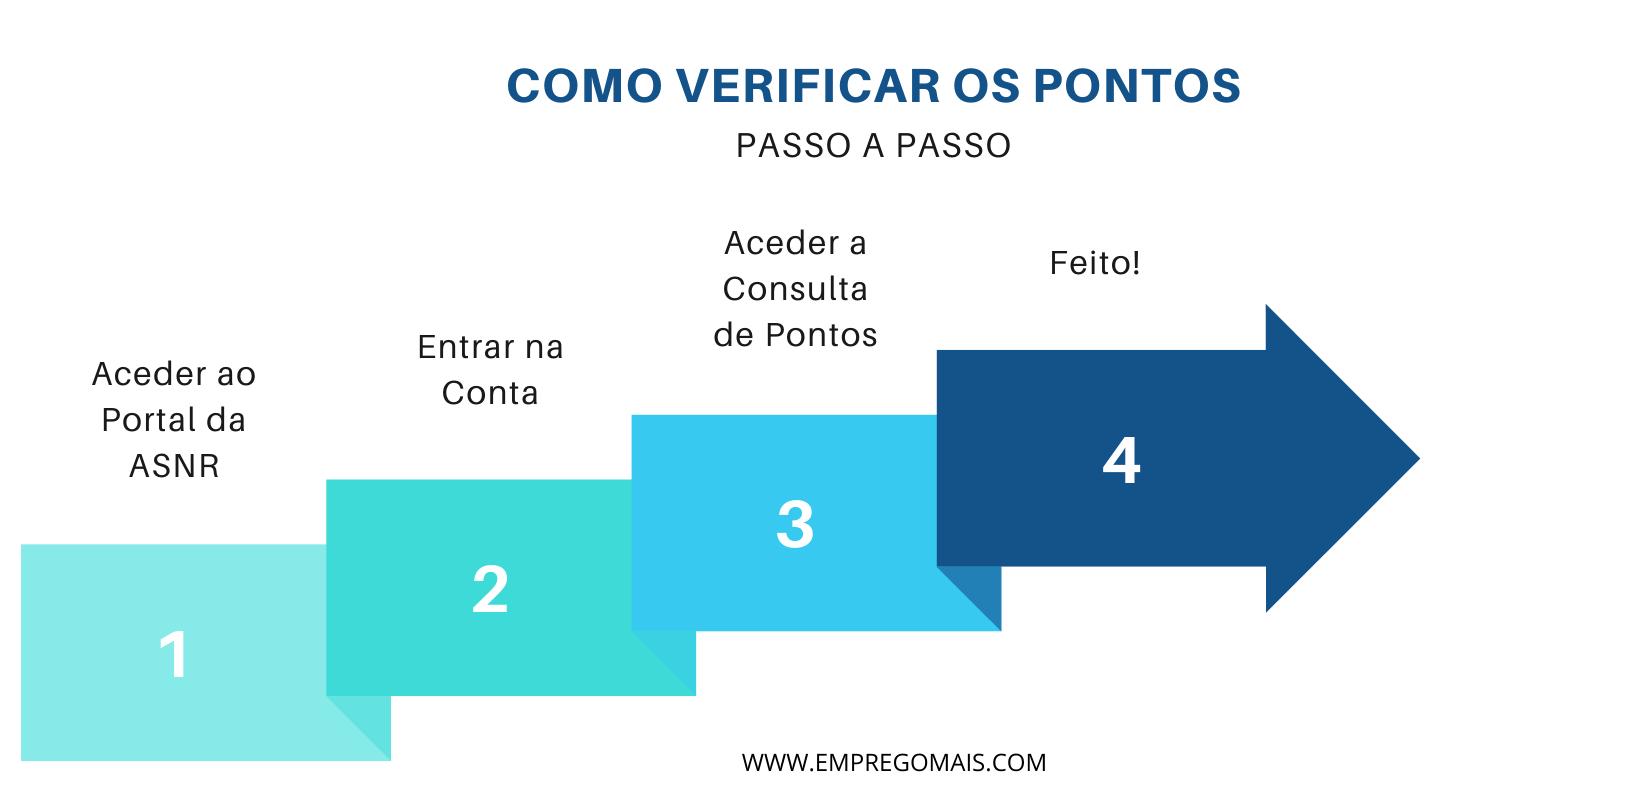 Consultar Pontos (Infográfico)